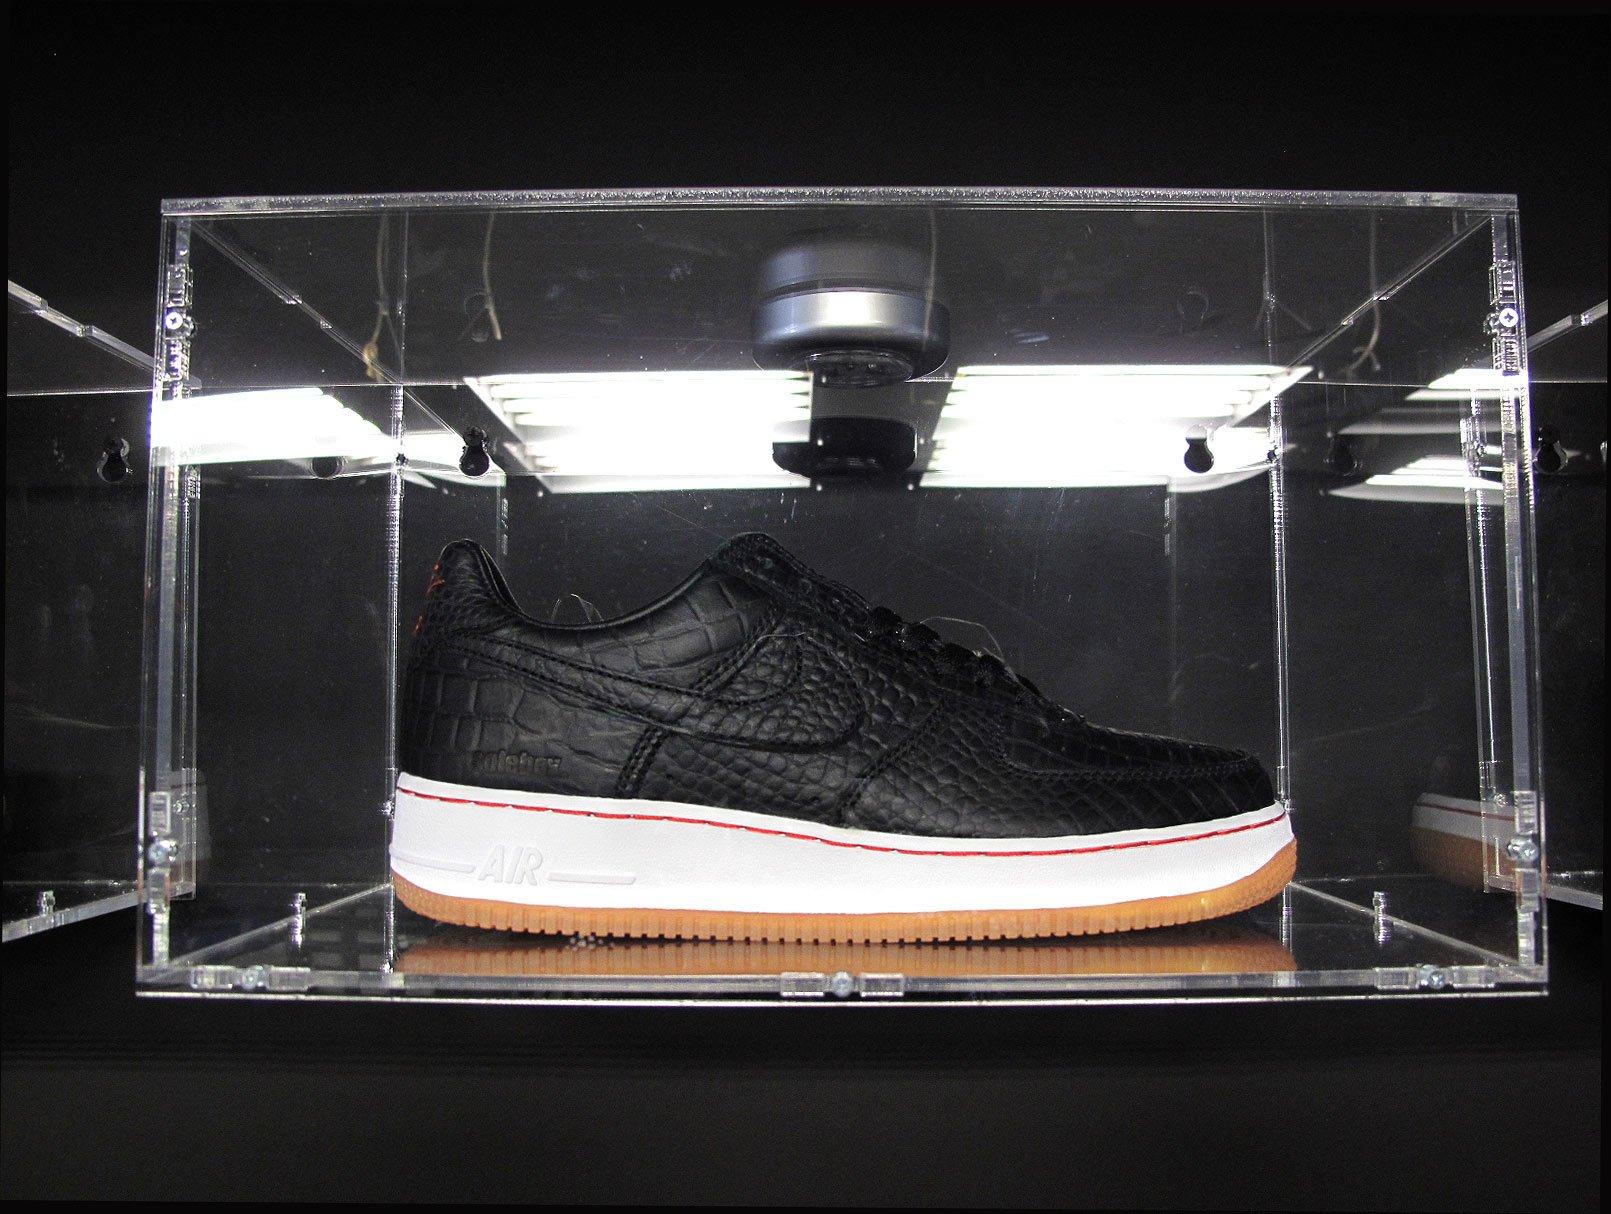 nike free 2015 - Solebox x Nike iD Air Force 1s   Nice Kicks